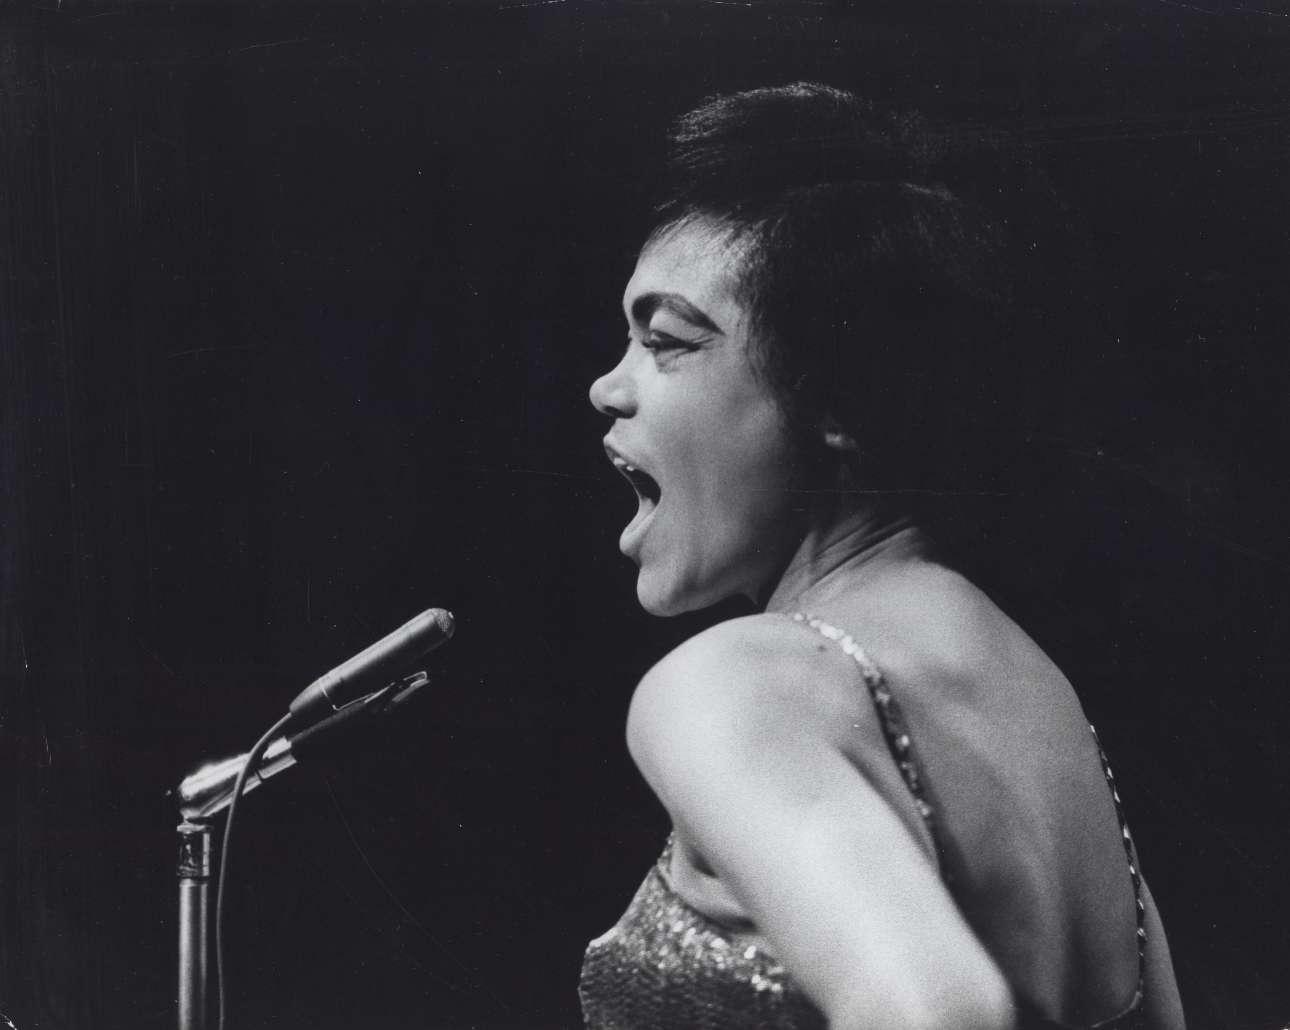 Η μοναδική τραγουδίστρια, χορεύτρια, ηθοποιός και «γατούλα» Ερθα Κιτ, το 1958